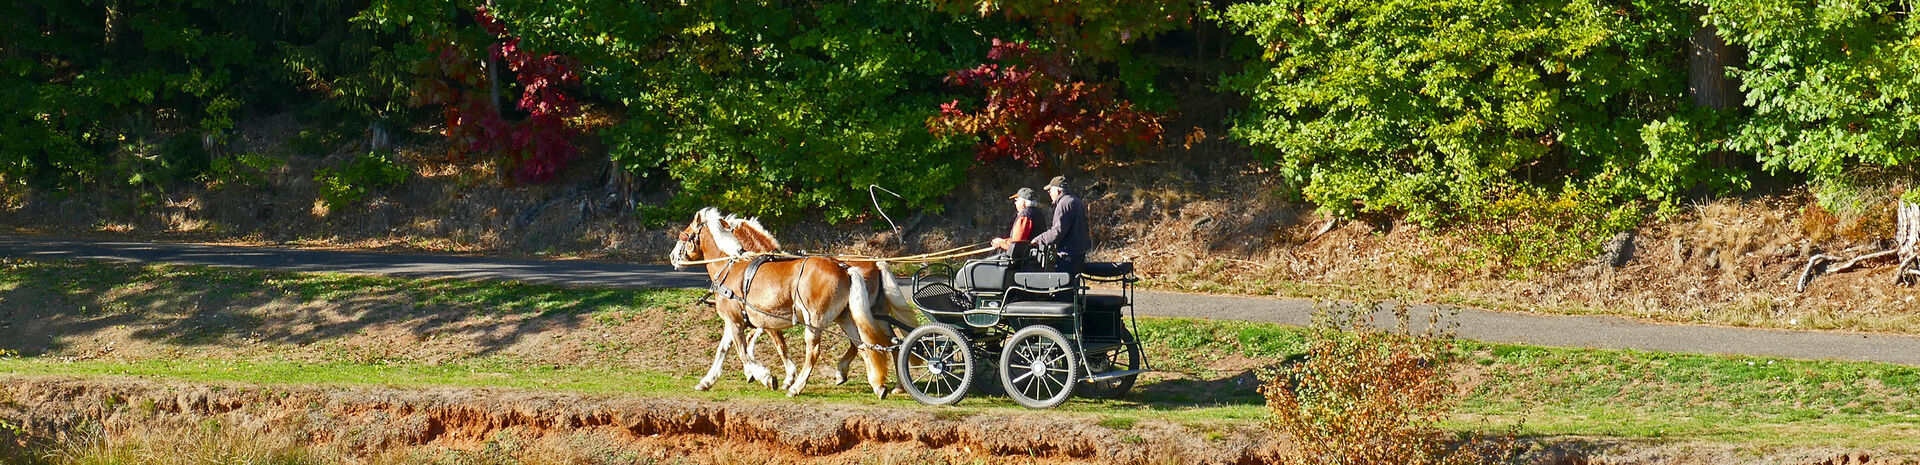 Herbstliche Kutschfahrt am Silbersee - Bildaufnahme durch Horst Roth